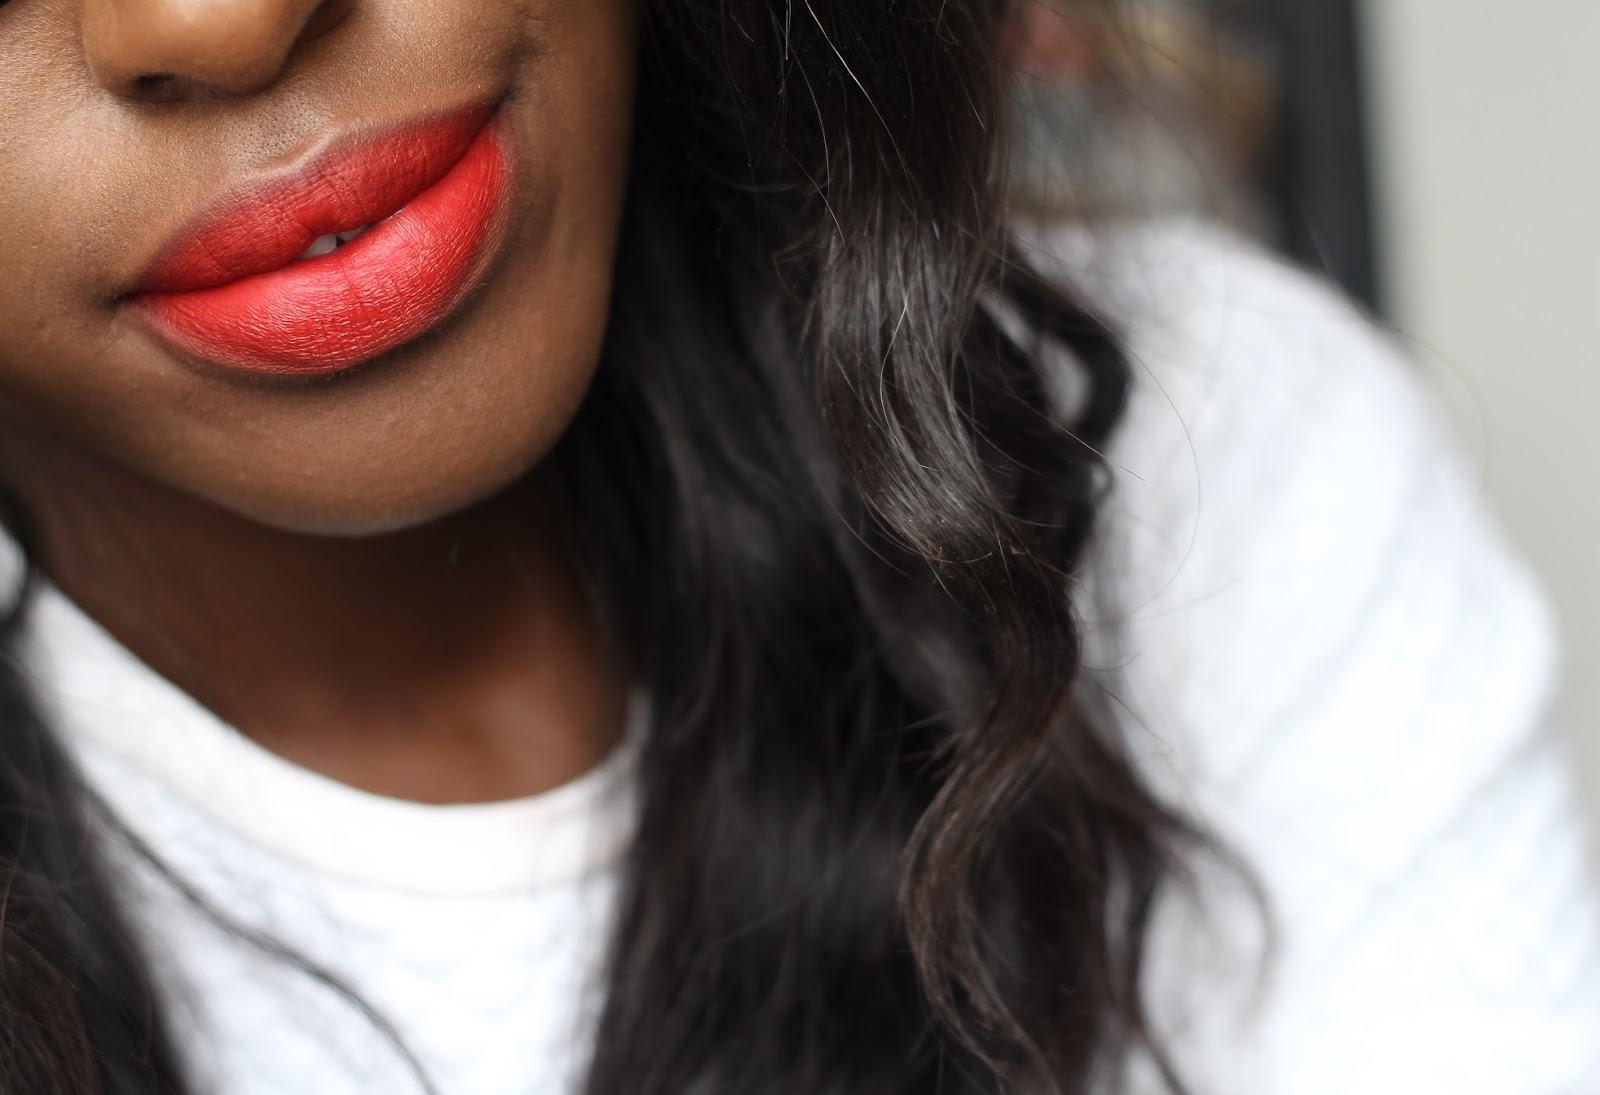 Meet Matte Hughes Liquid Lipstick, Meet Matte, theBalm, theBalm Schwing, Manizer Sisters, Mary- Lou Manizer, Betty - Lou Manizer, Cindy-Lou Manizer, theBalm Pretty Smart lipgloss, theBalm Read My Lips lipgloss